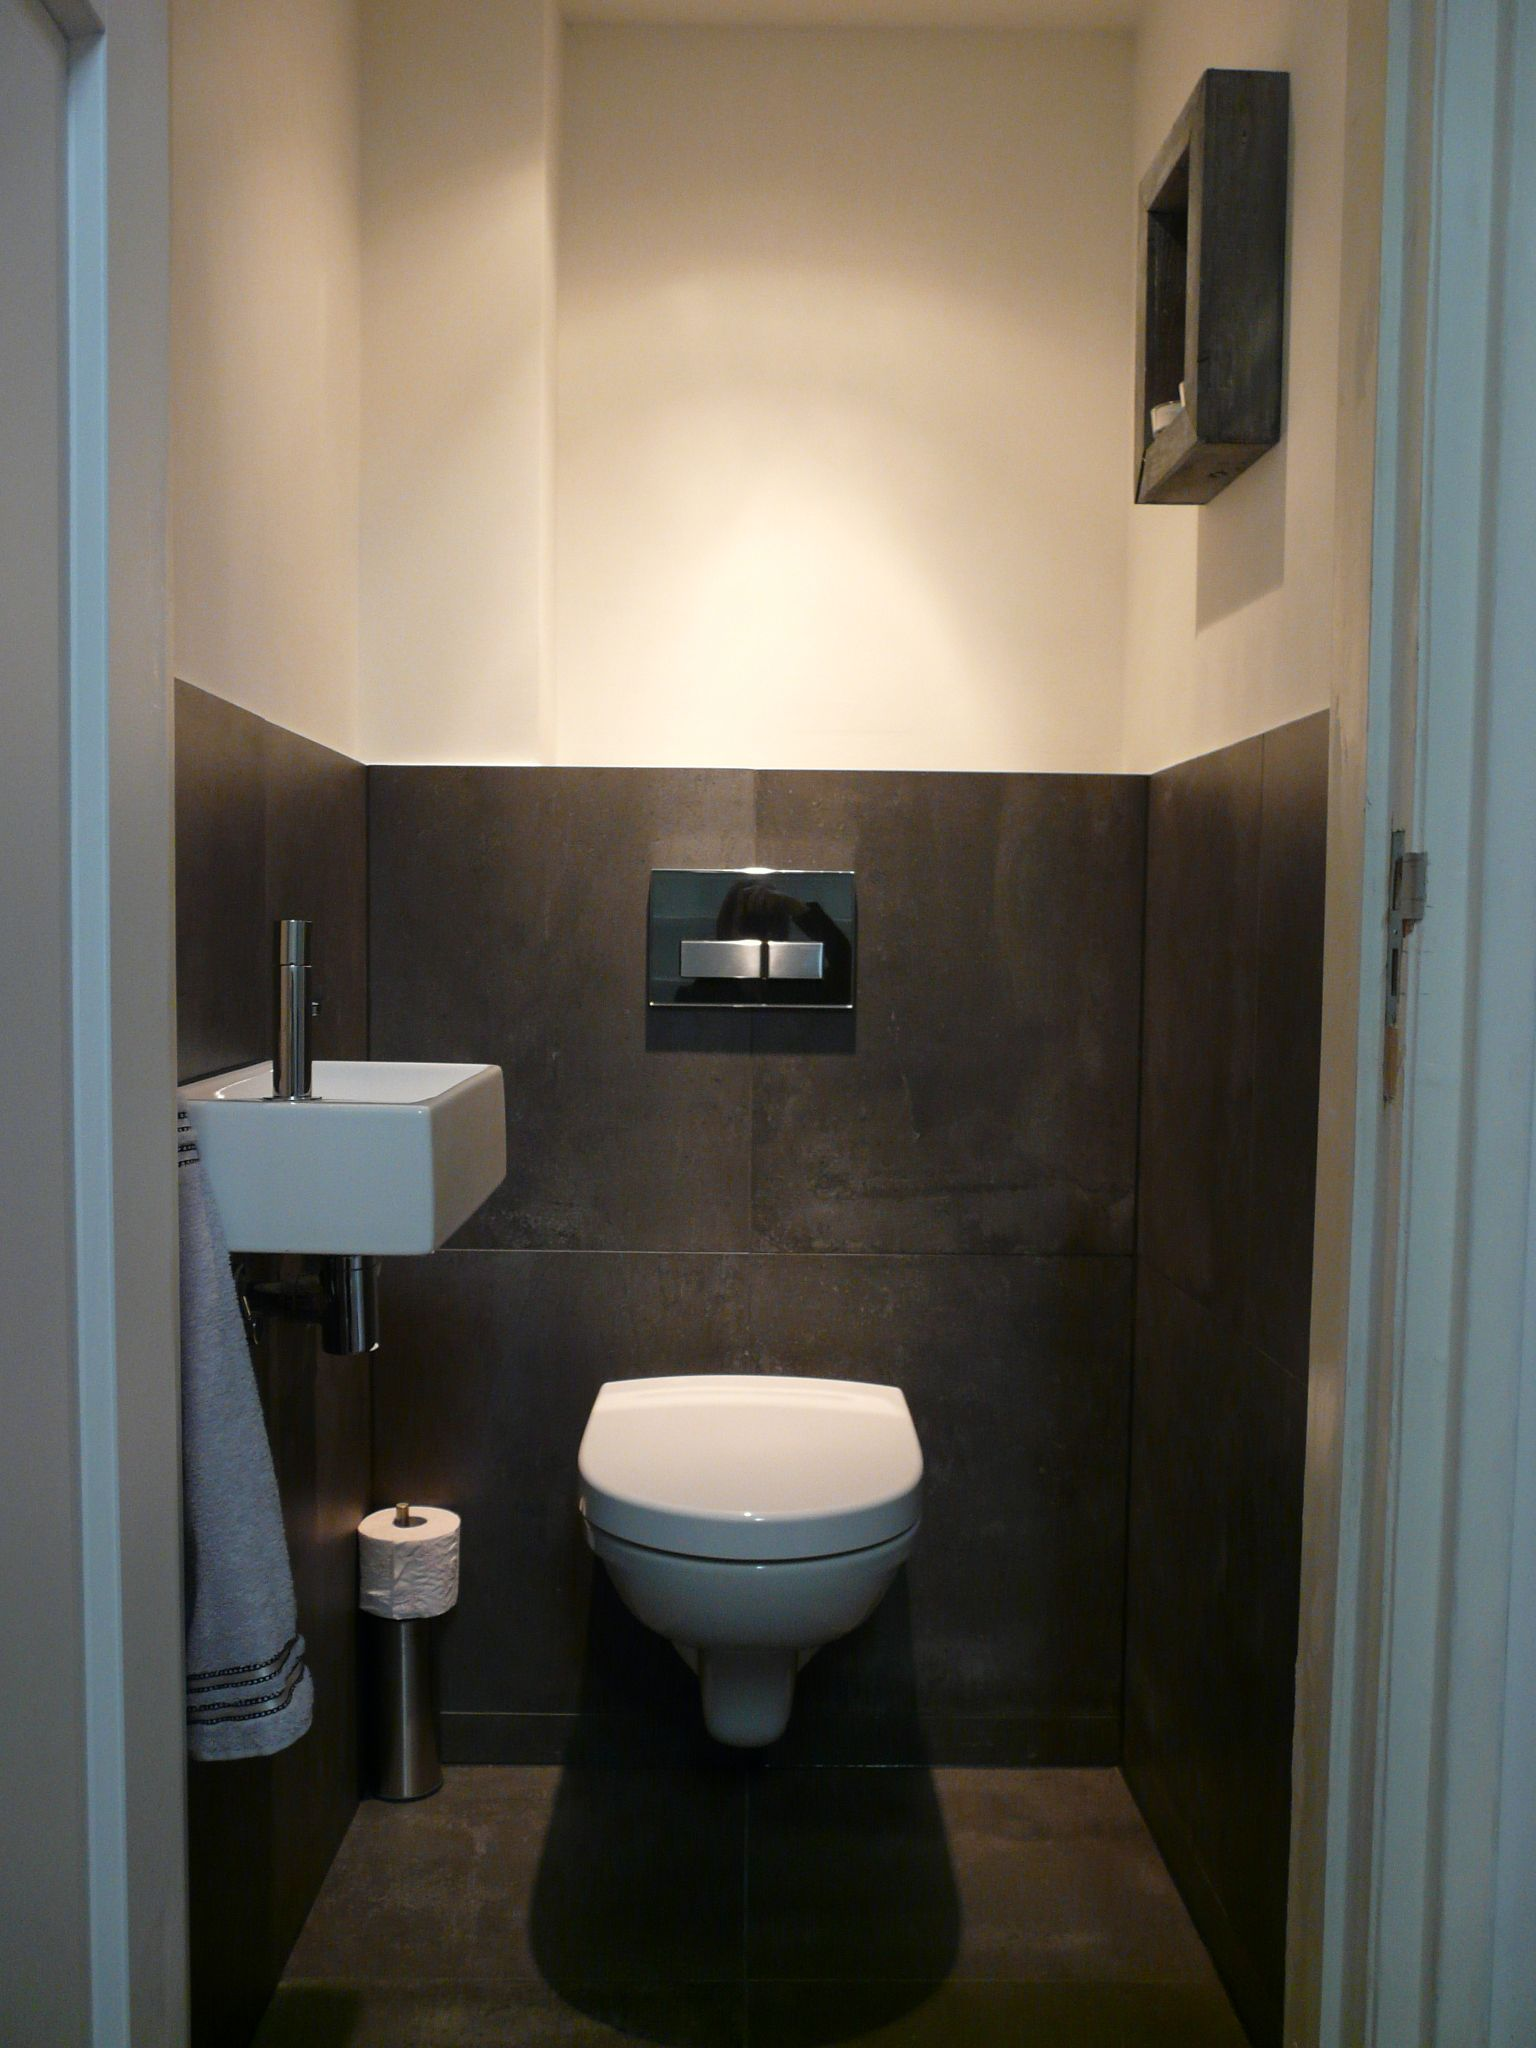 Misschien te donker op de muur. Mooie grote vloertegels. | Badkamer ...